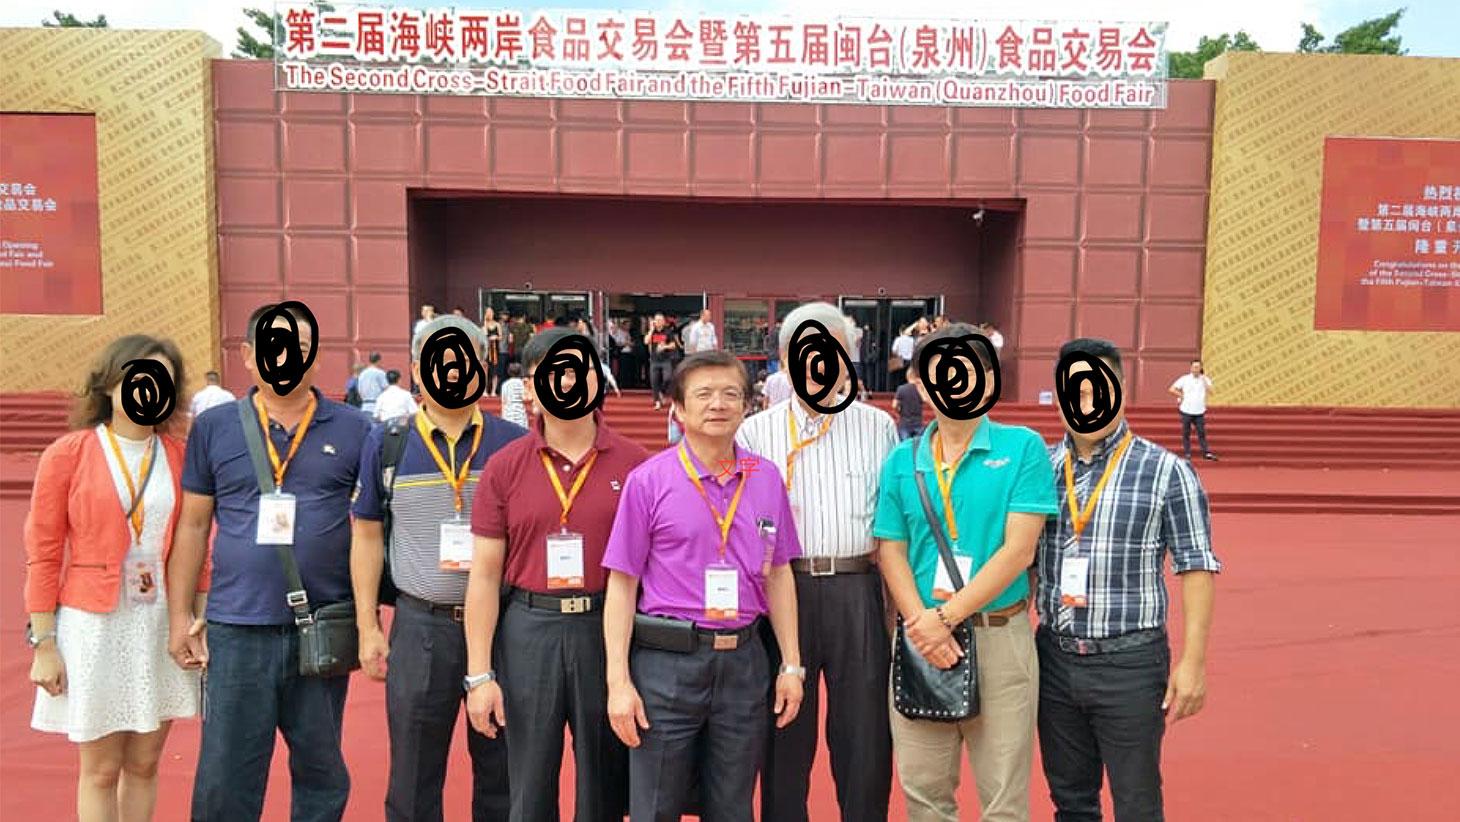 蔡金樹去年7月參加大陸福建省泉州市參加兩岸食品交易會(如圖)後失聯。(摘自蔡金樹臉書)